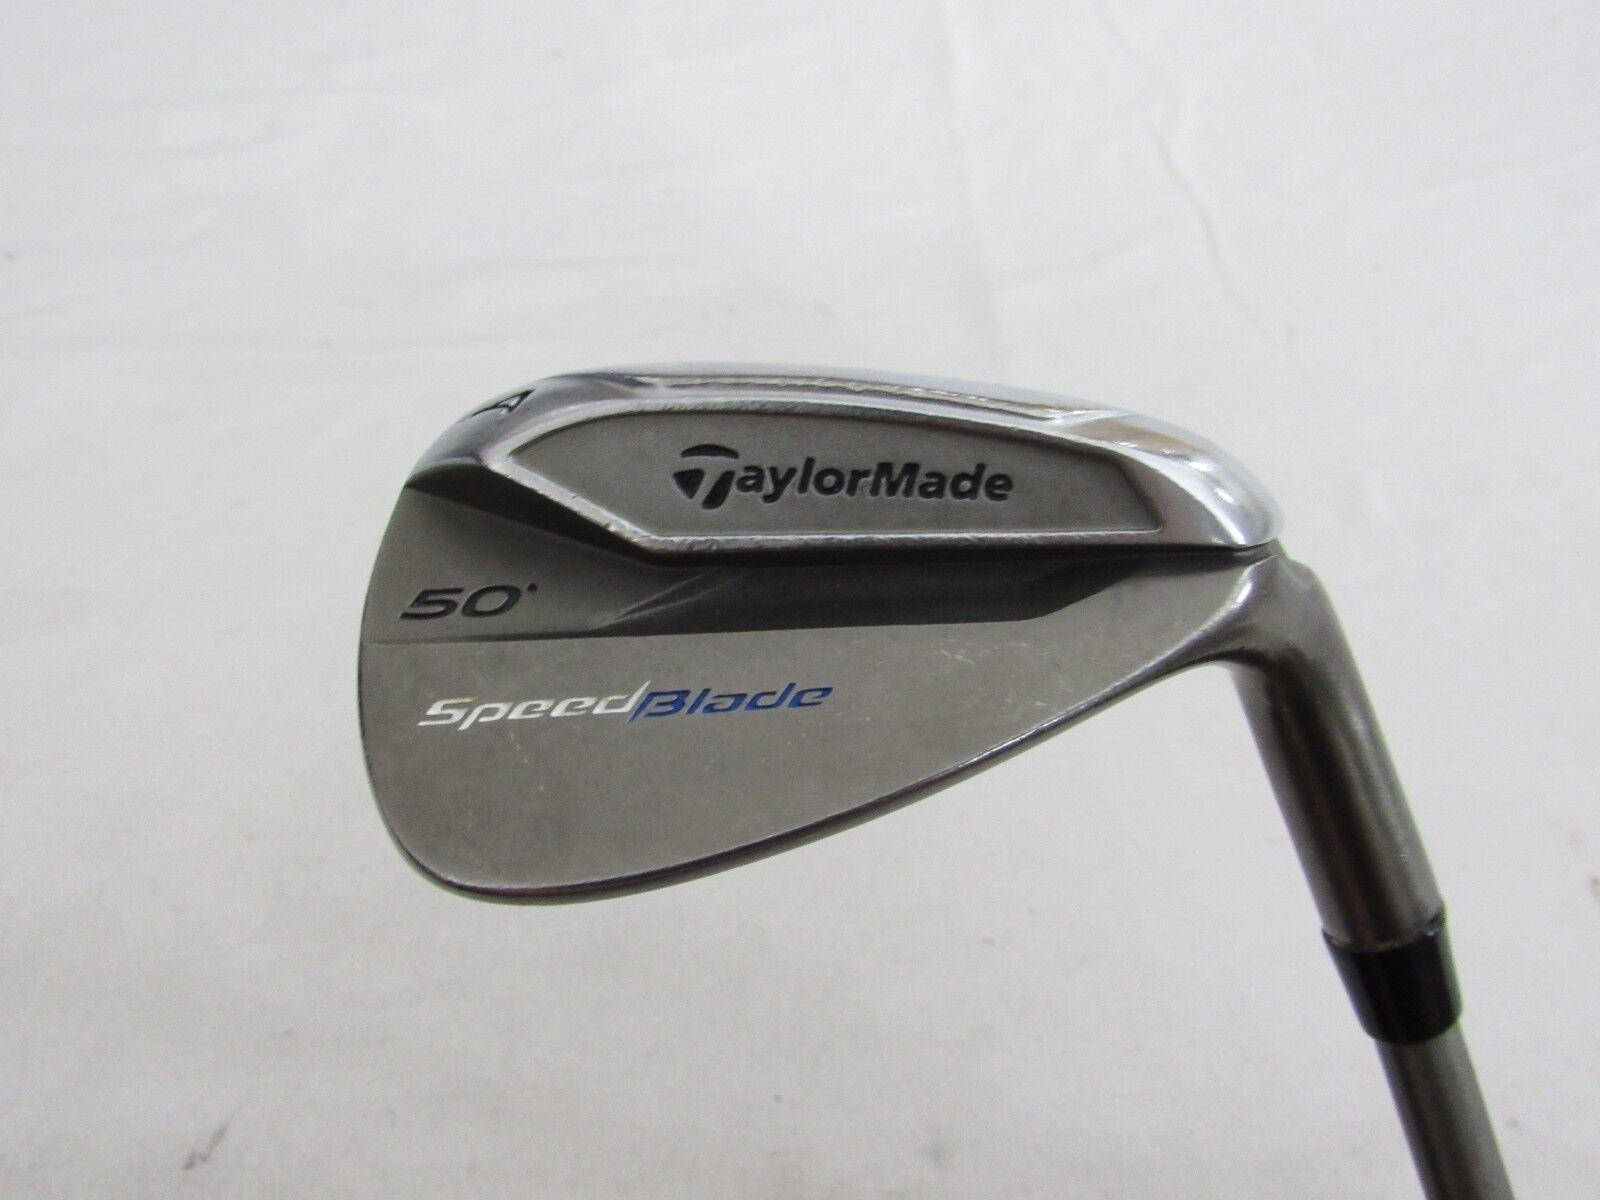 Utiliza  la mano derecha Taylormade SpeedBlade 50 ° Gap una cuña Steelfiber grafito RÍGIDO de la flexión S  Centro comercial profesional integrado en línea.